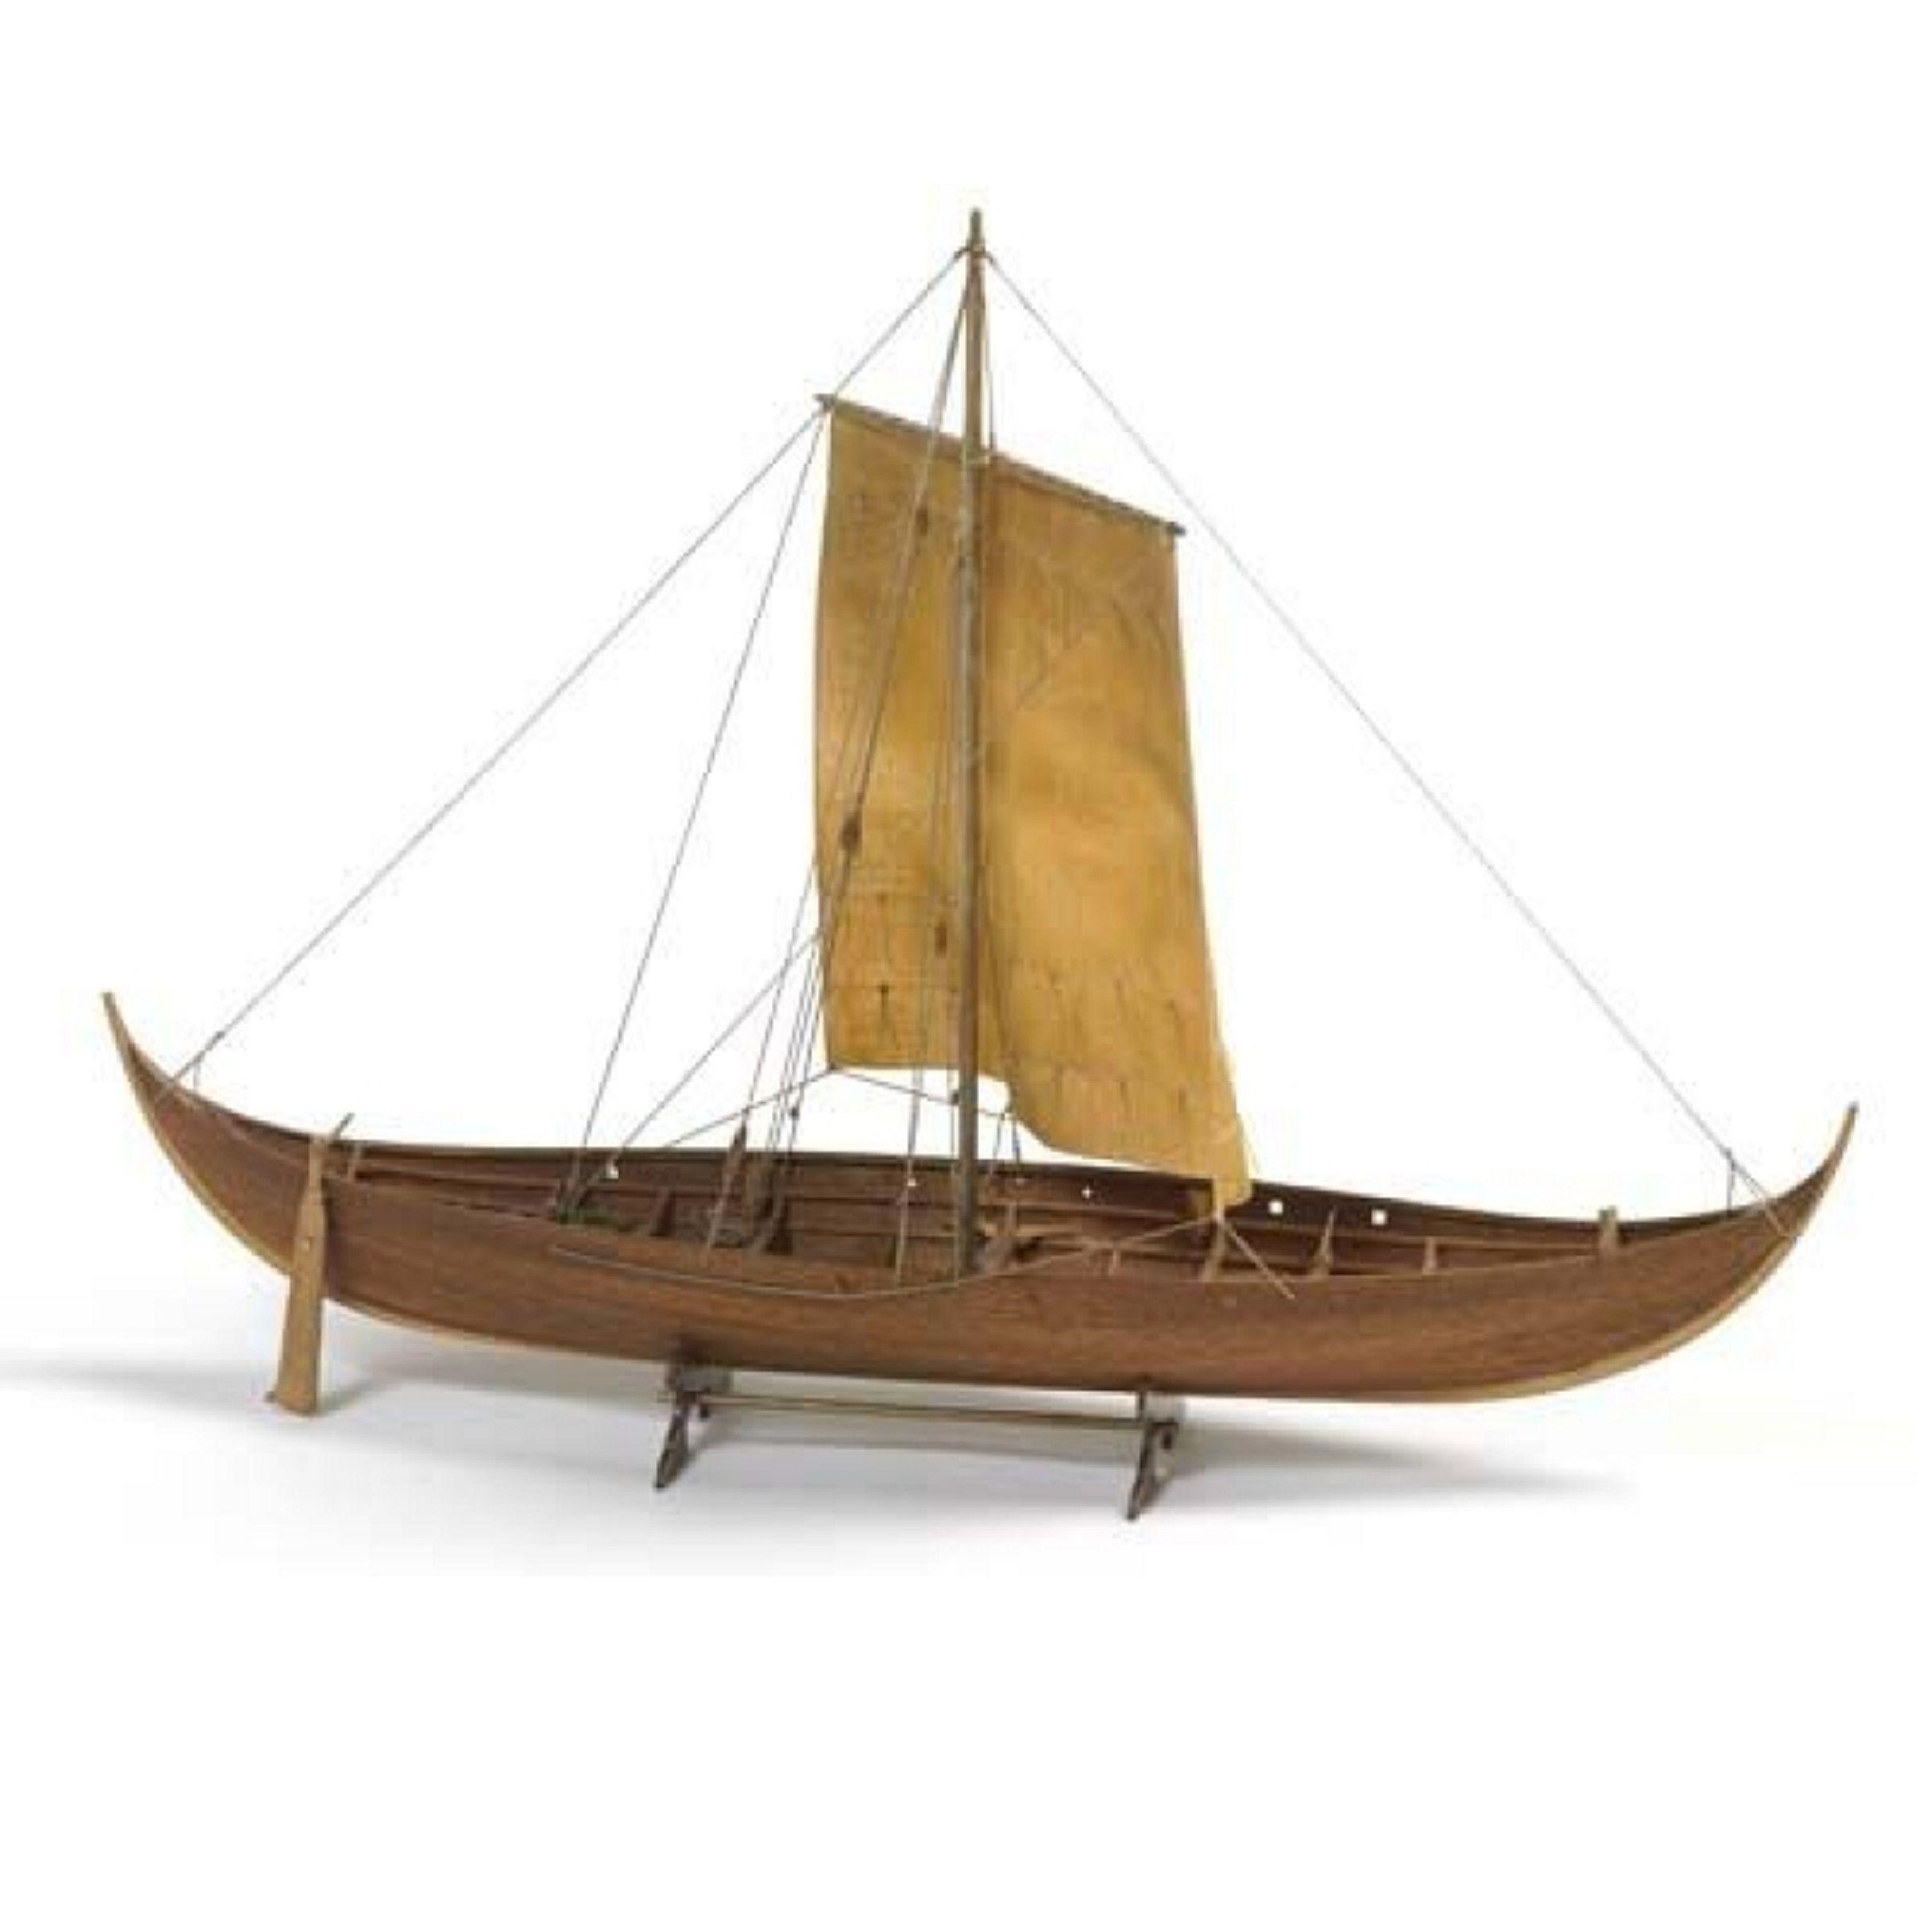 Roar Edge Model Boat Kit - Billing Boats (B703)